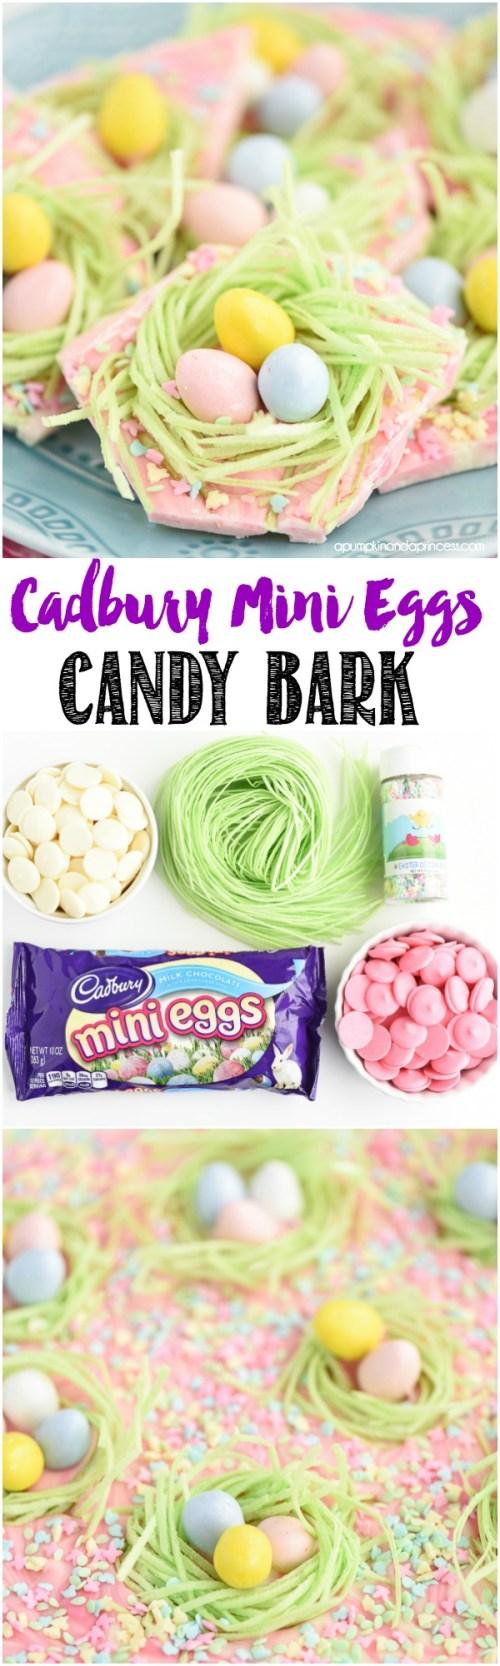 Medium Of Cadbury Mini Eggs